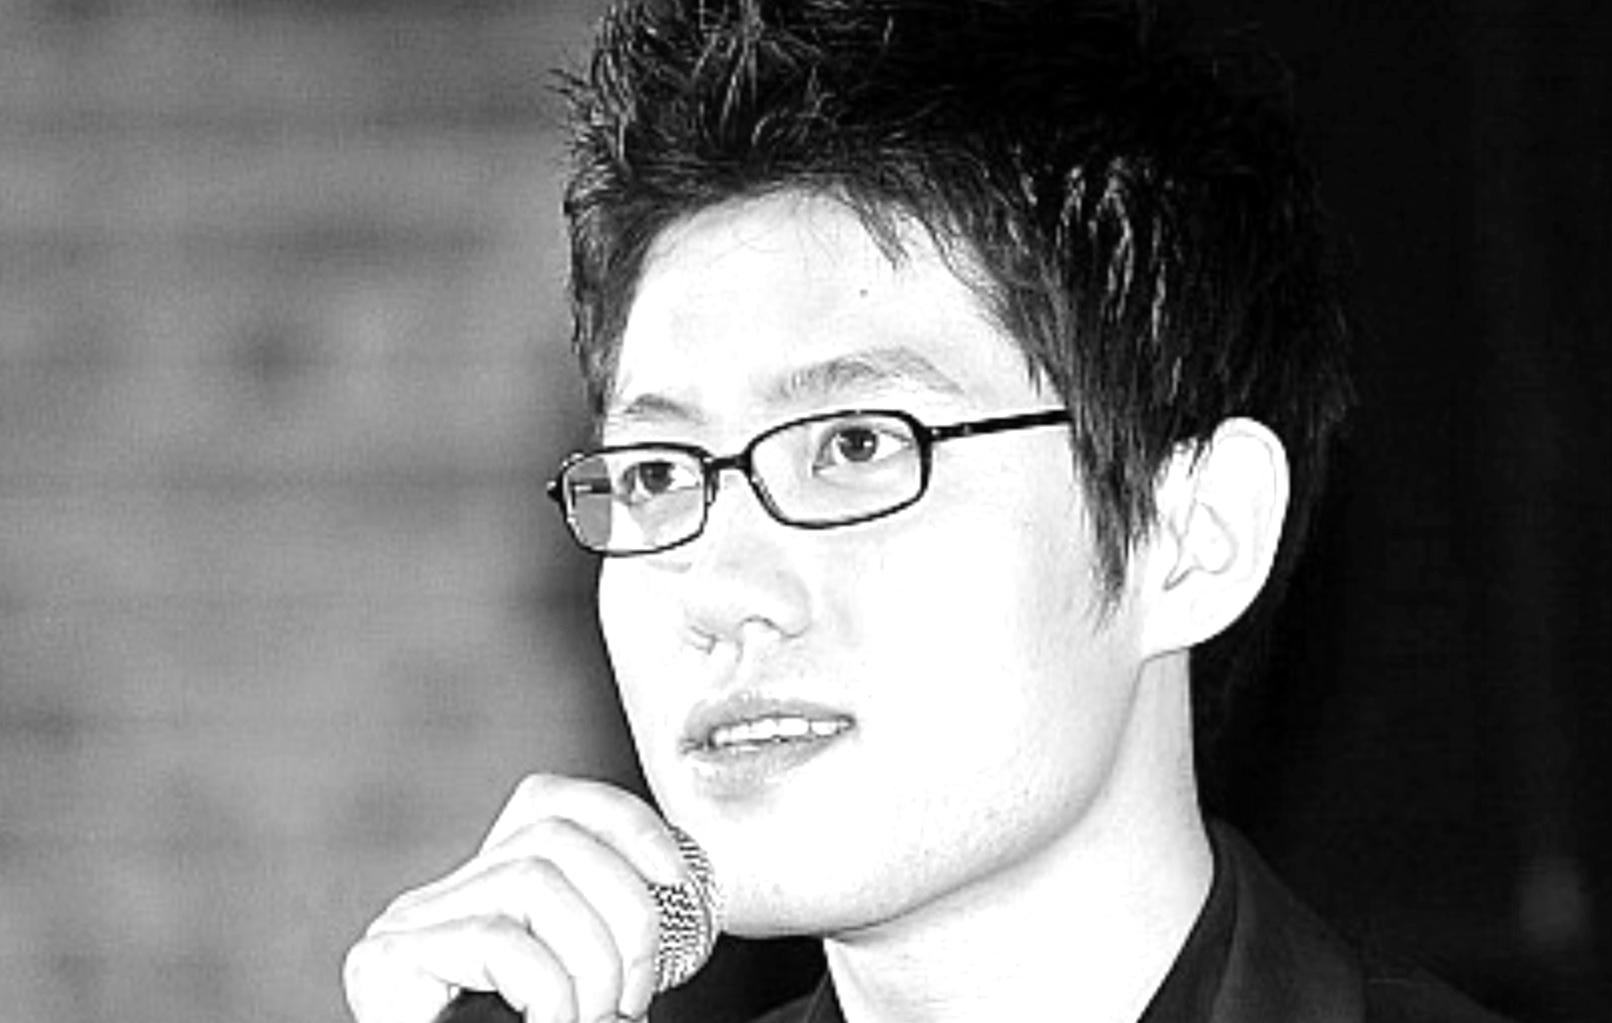 성재준 홈피 사진